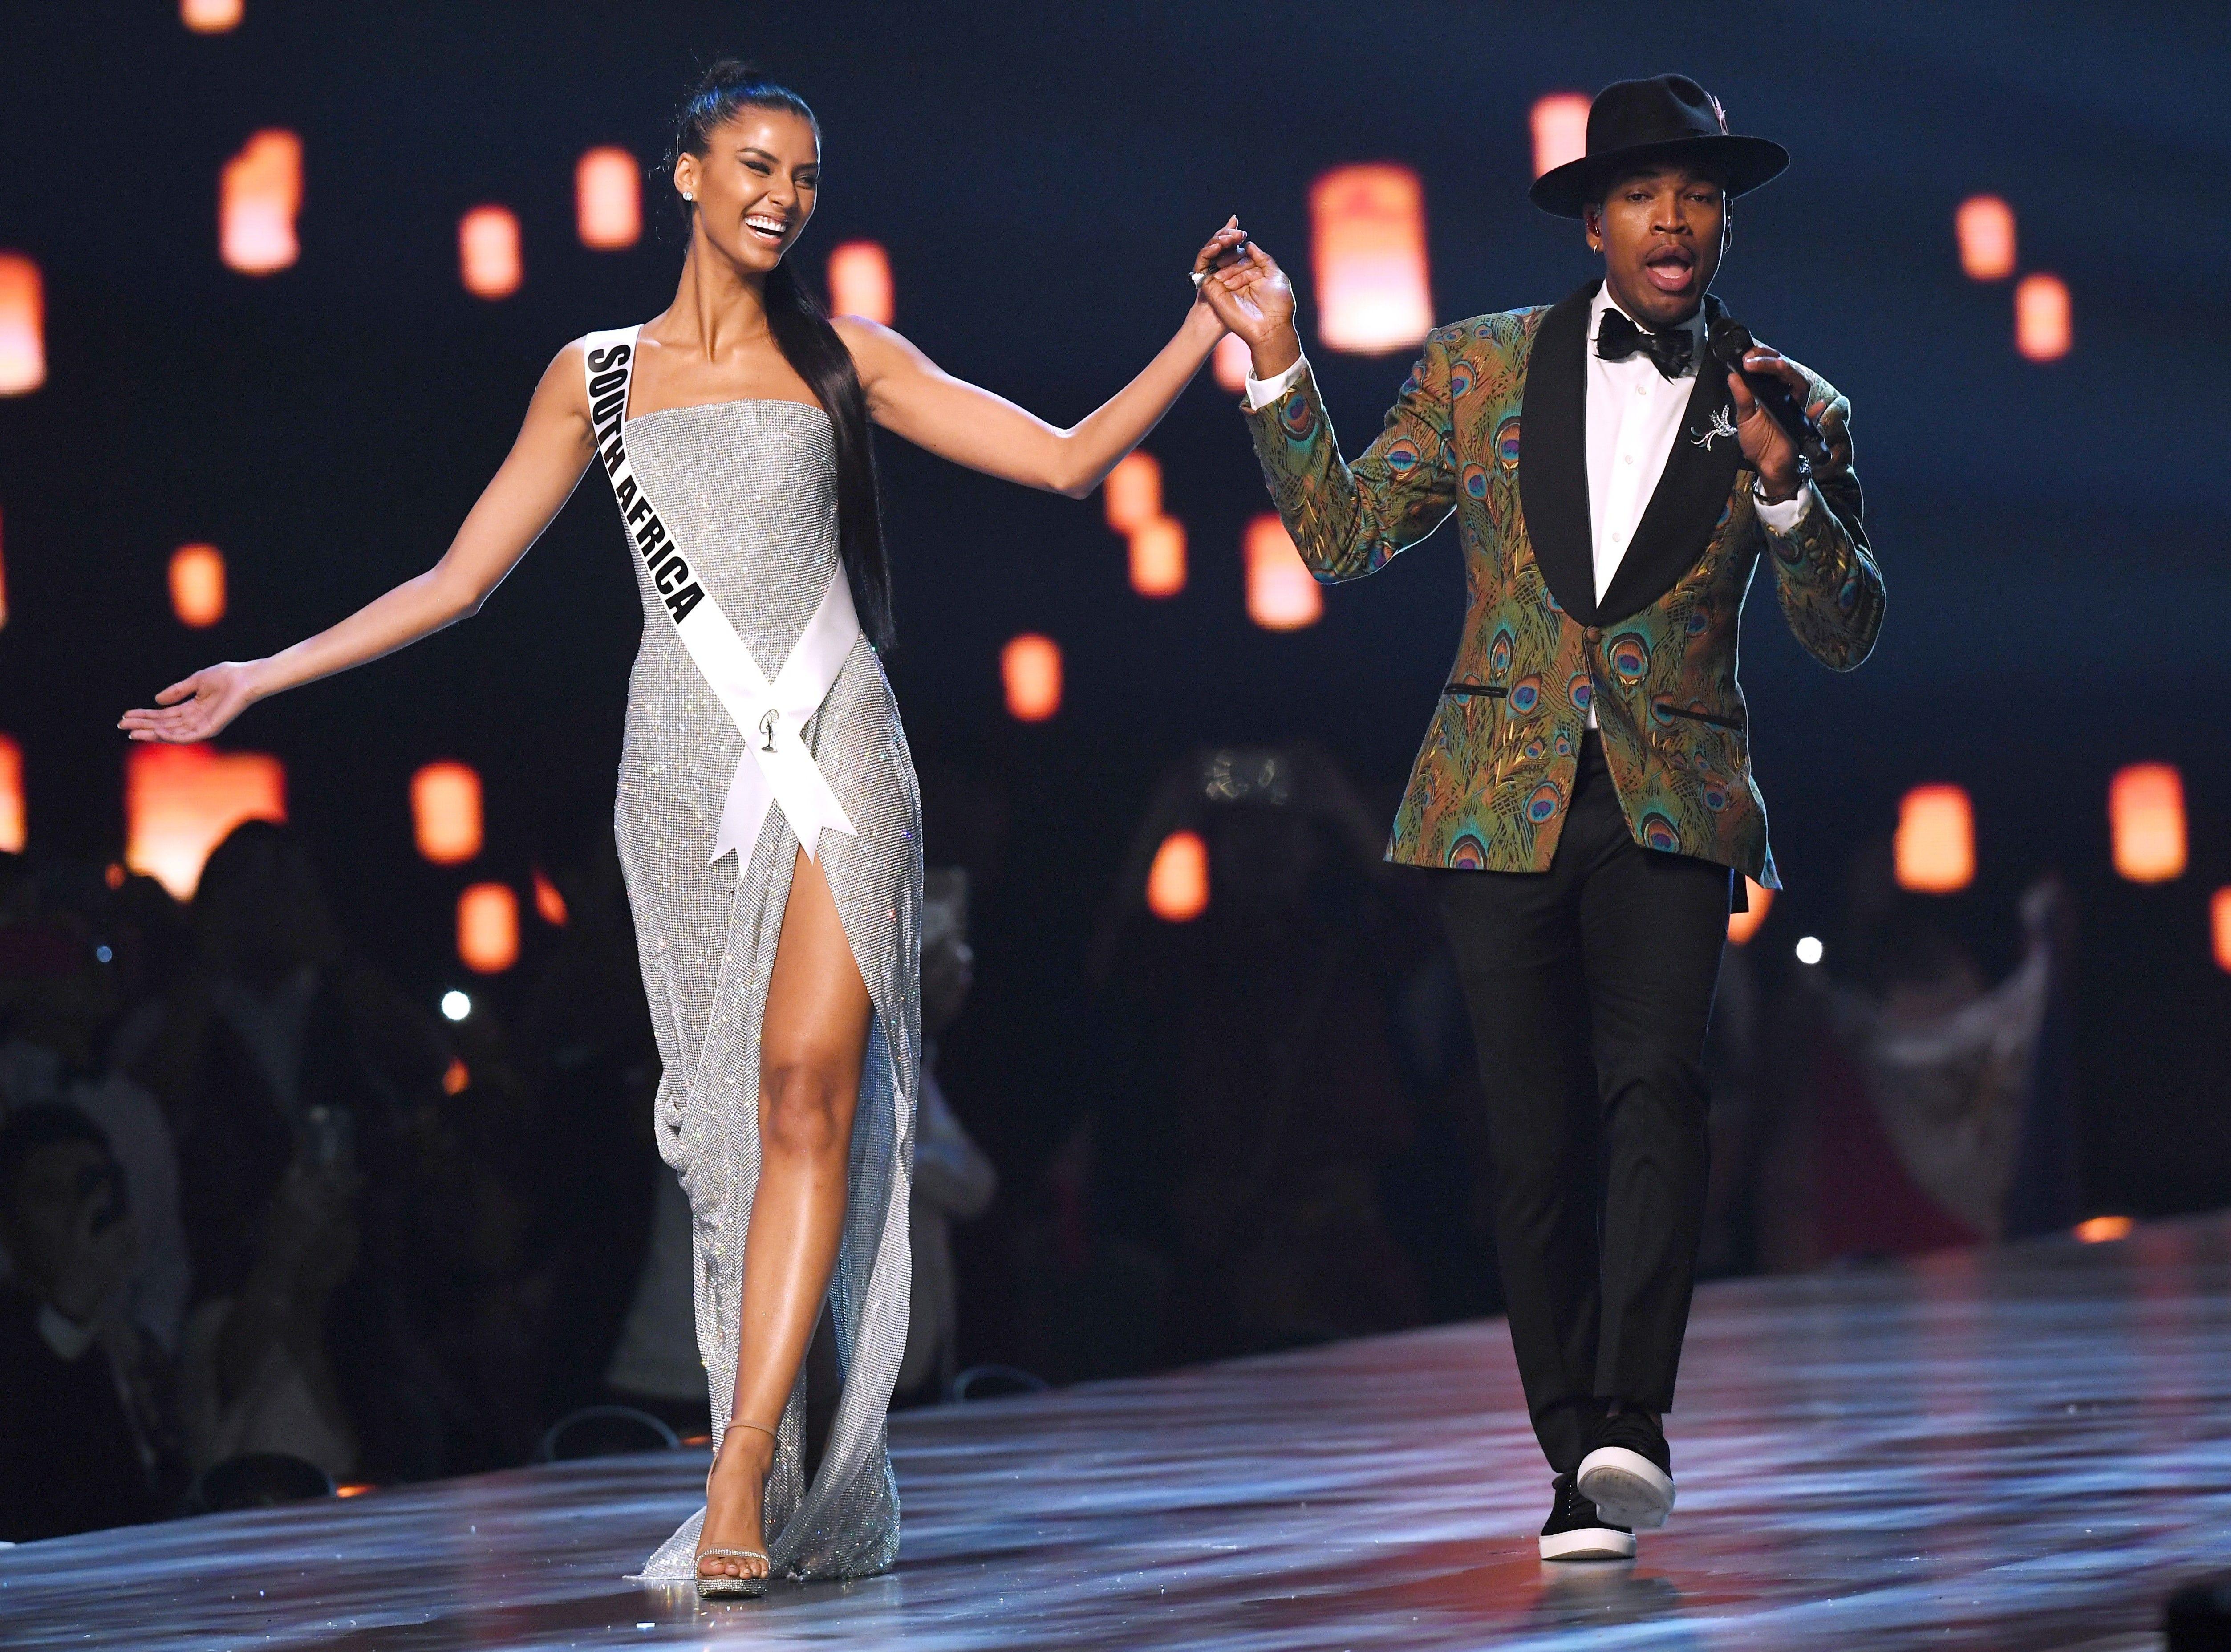 Tamaryn Green (izq) de Sudáfrica toma la mano mientras el artista estadounidense Ne-Yo se presenta en el escenario durante el concurso Miss Universo 2018 en Bangkok el 17 de diciembre de 2018.